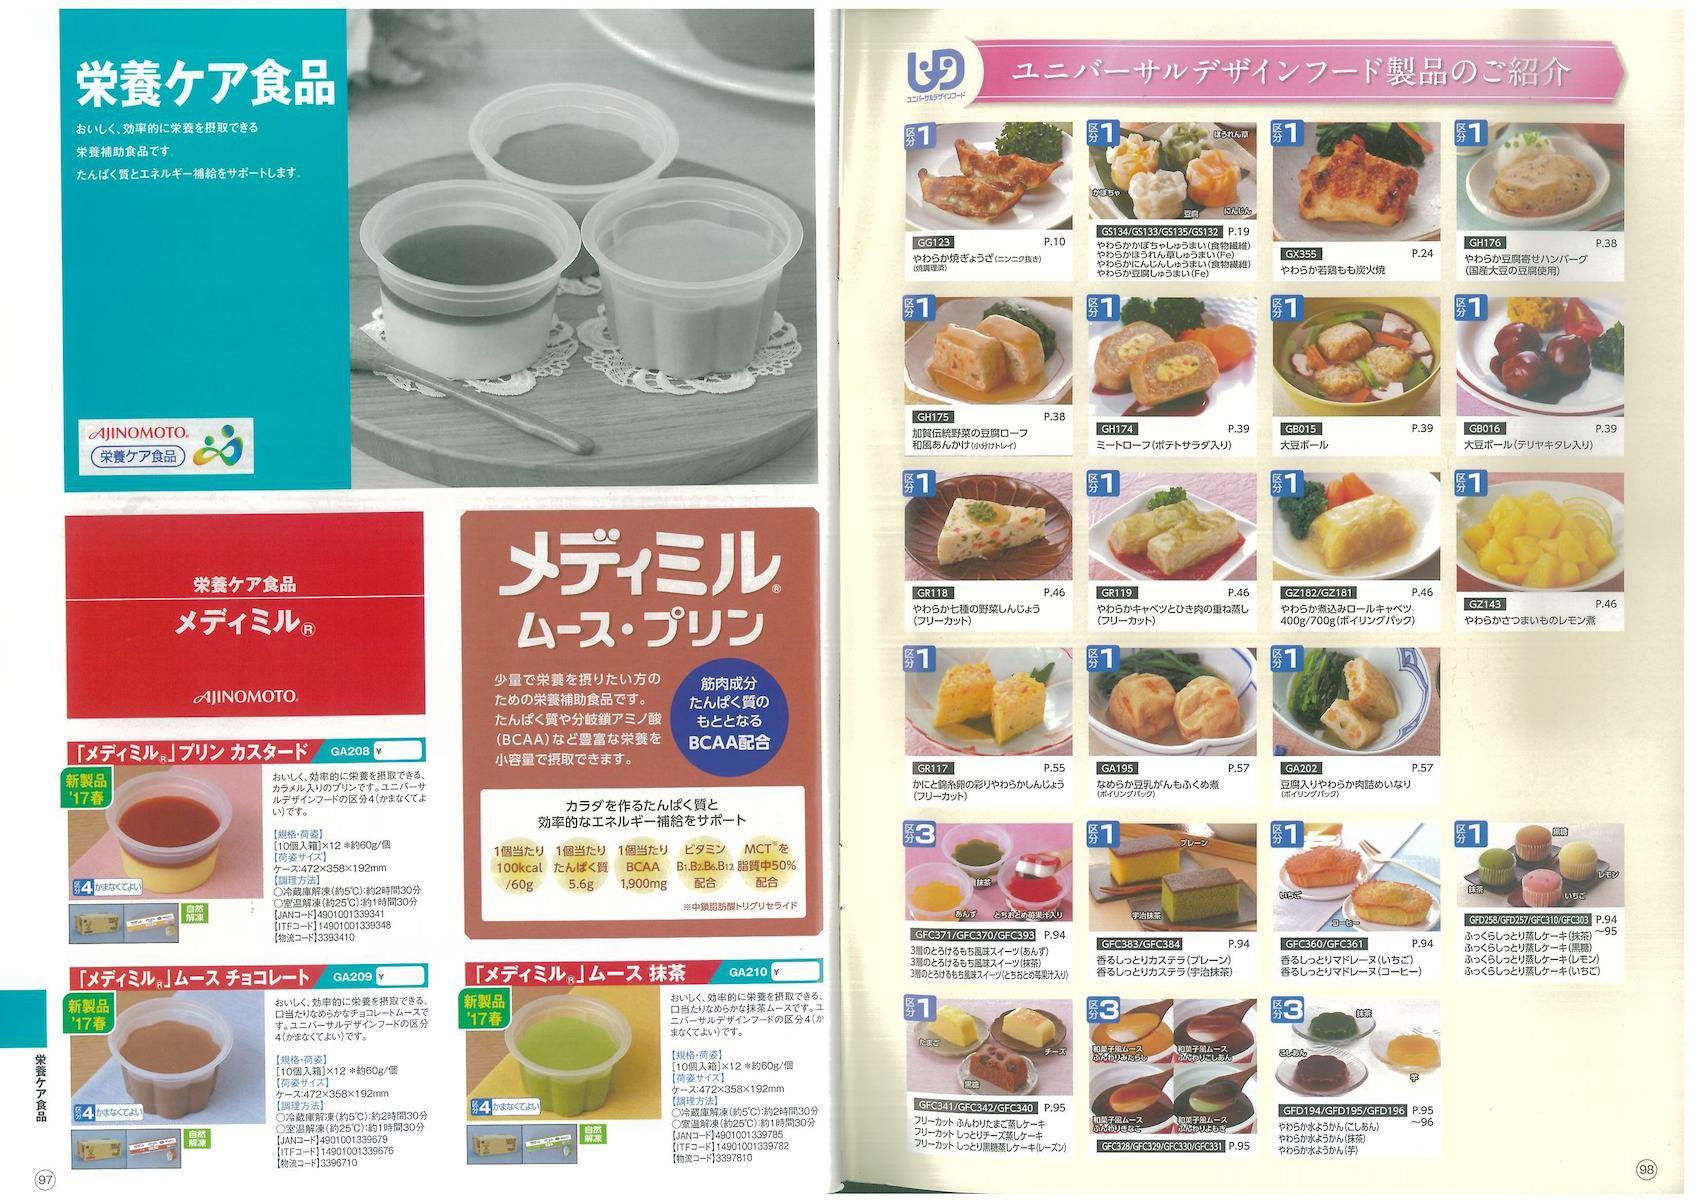 味の素冷凍食品 栄養ケア食品 メディミル 「メディミル」プリンカスタード 「メディミル」ムースチョコレート 「メディミル」ムース抹茶